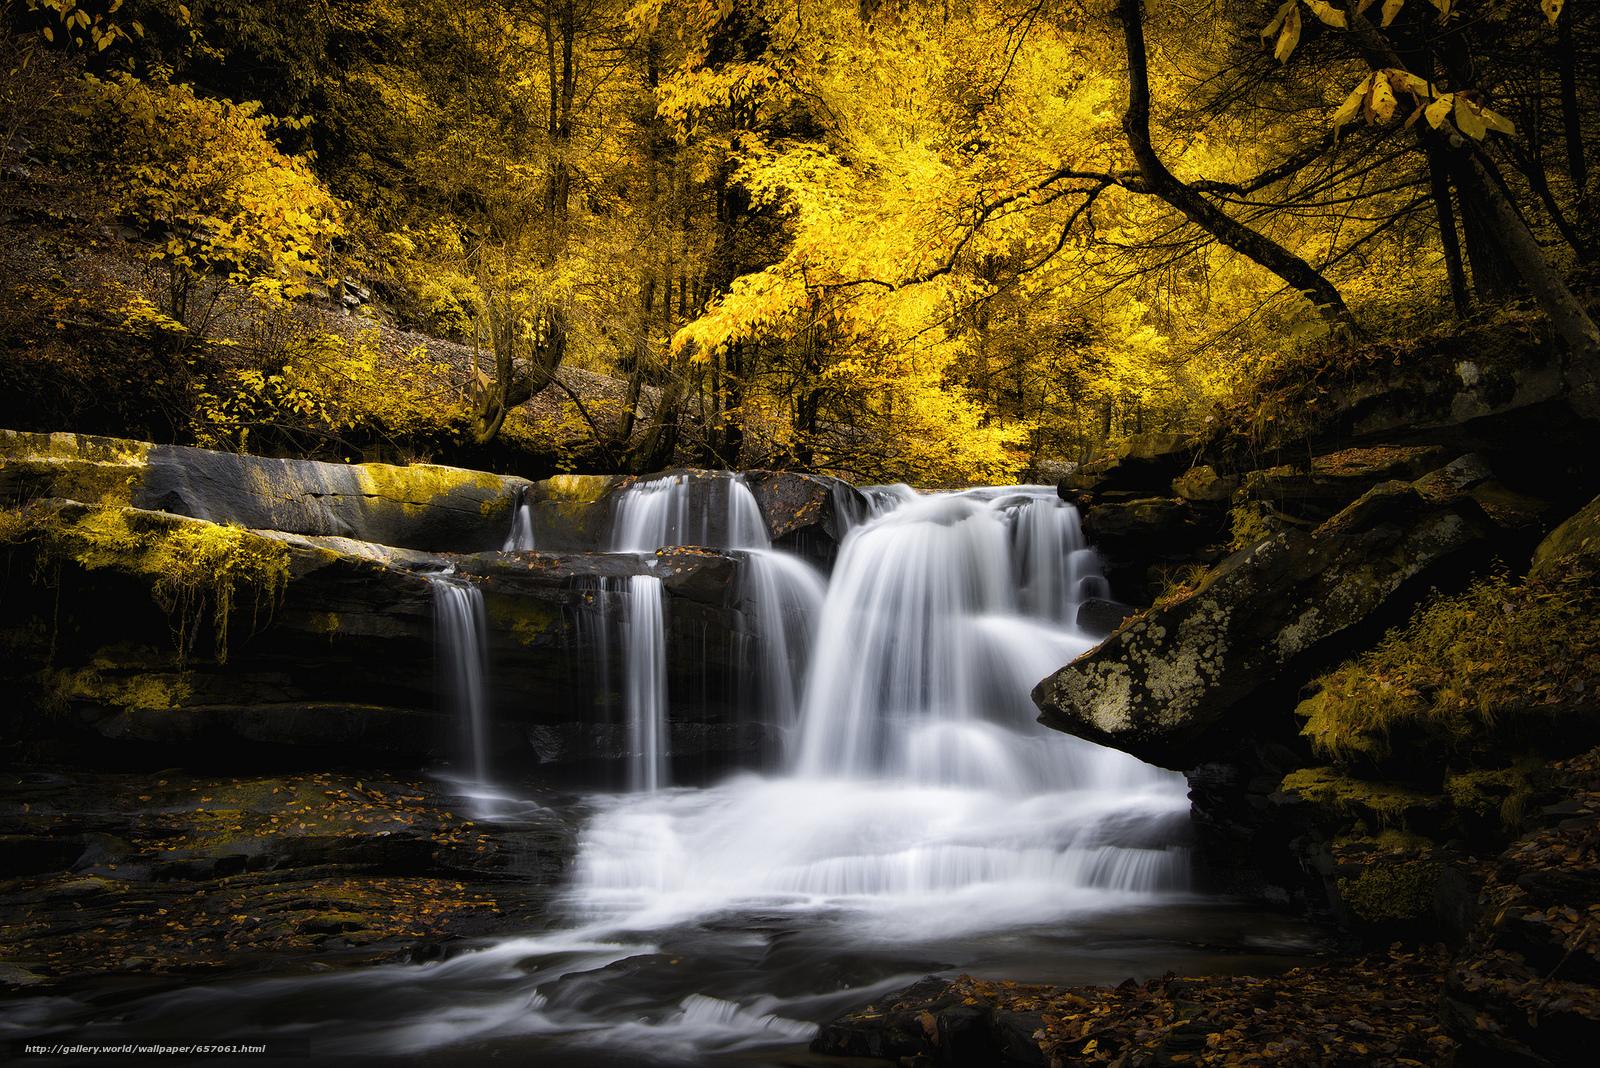 壁紙をダウンロード 秋,  小さな川,  森,  木 デスクトップの解像度のための無料壁紙 2048x1367 — 絵 №657061